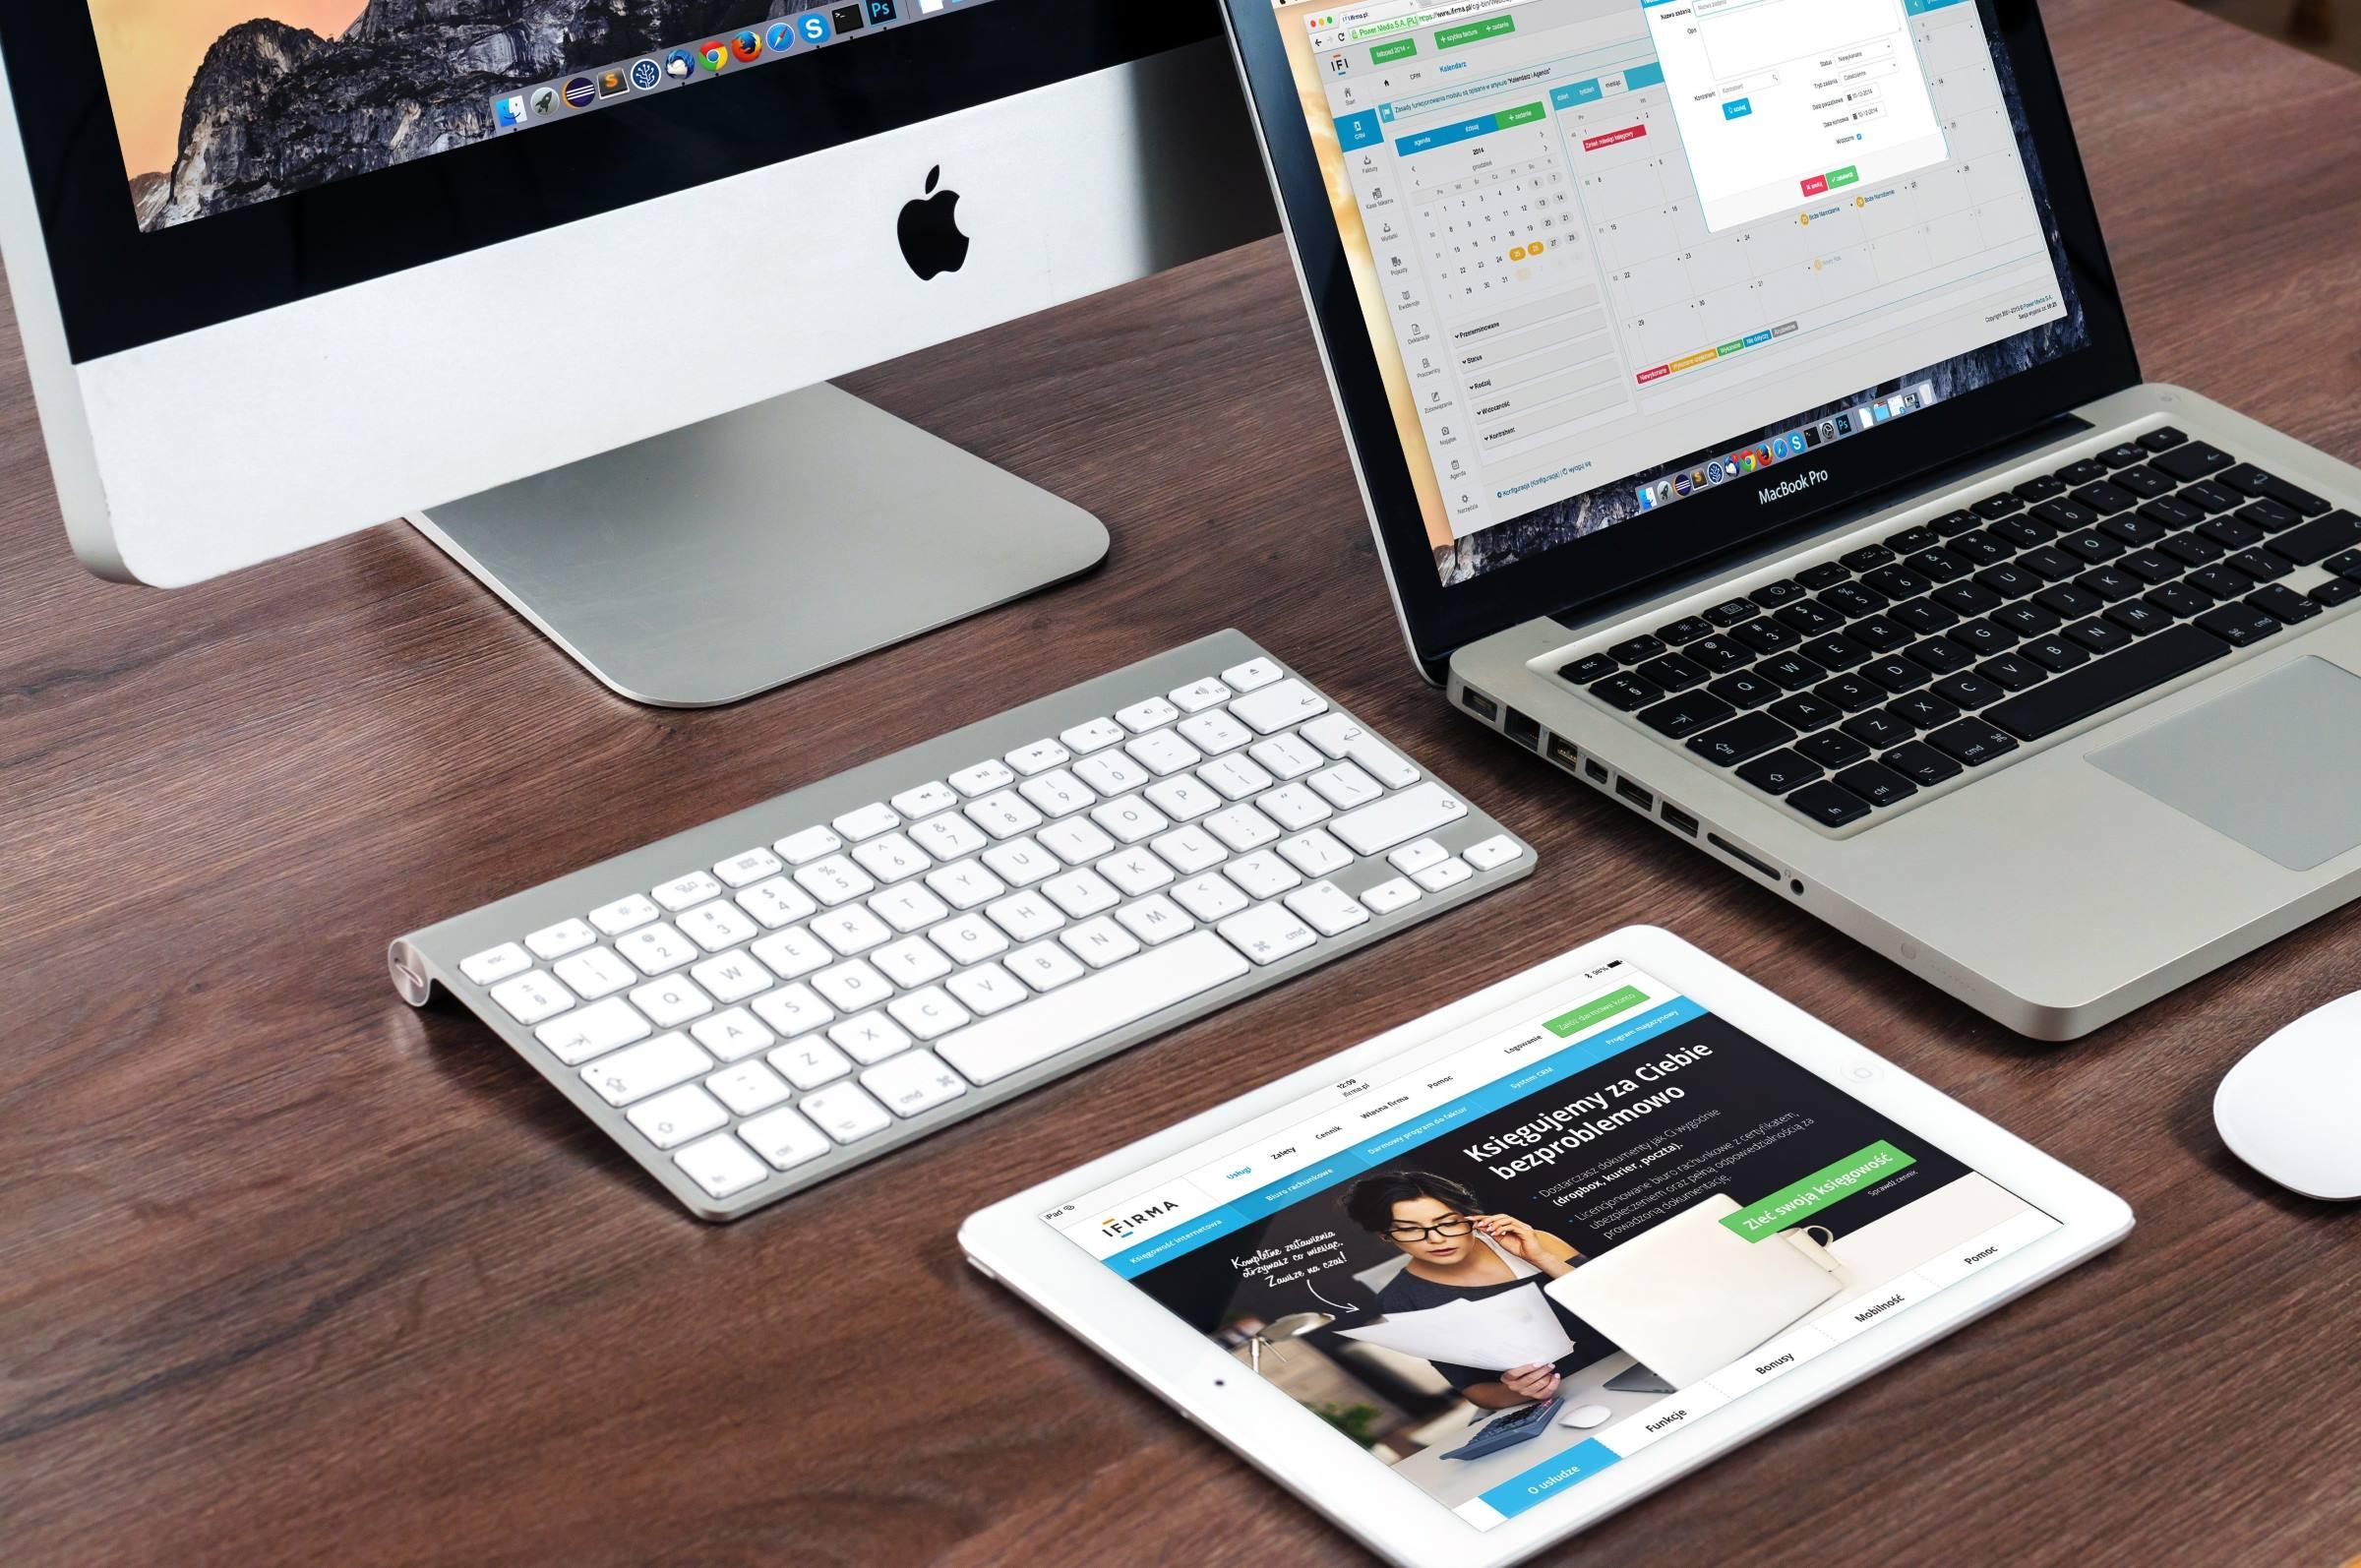 laptop tablet keyboard mouse desk